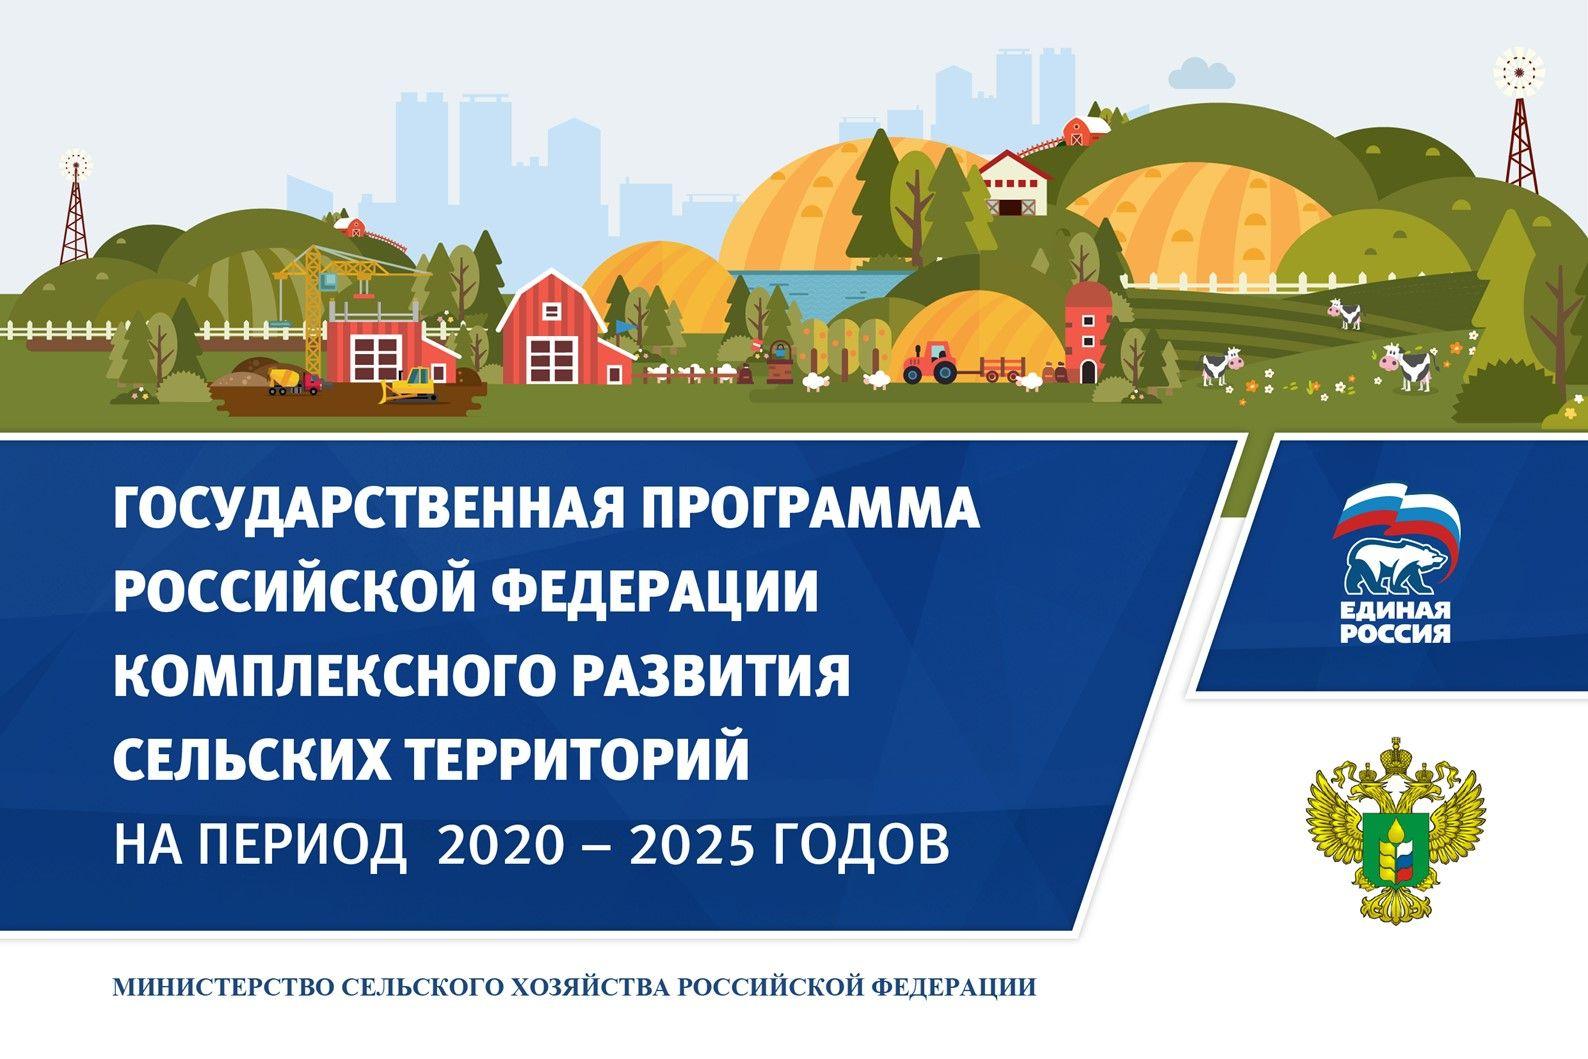 Донские муниципалитеты завершают разработку дизайн-проектов благоустройства территорий, запланированных к реализации в 2022 году